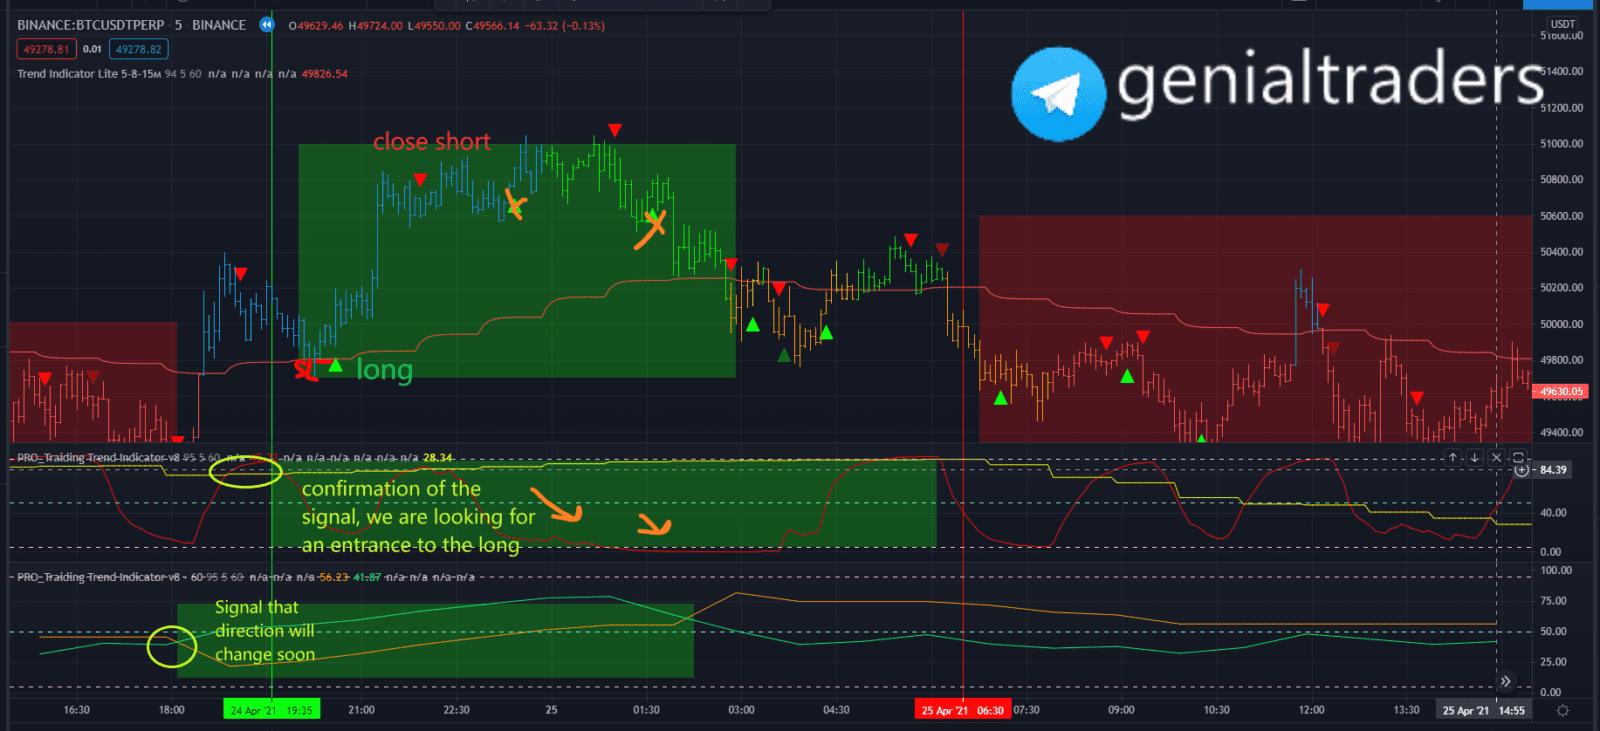 indicator based trading strategy